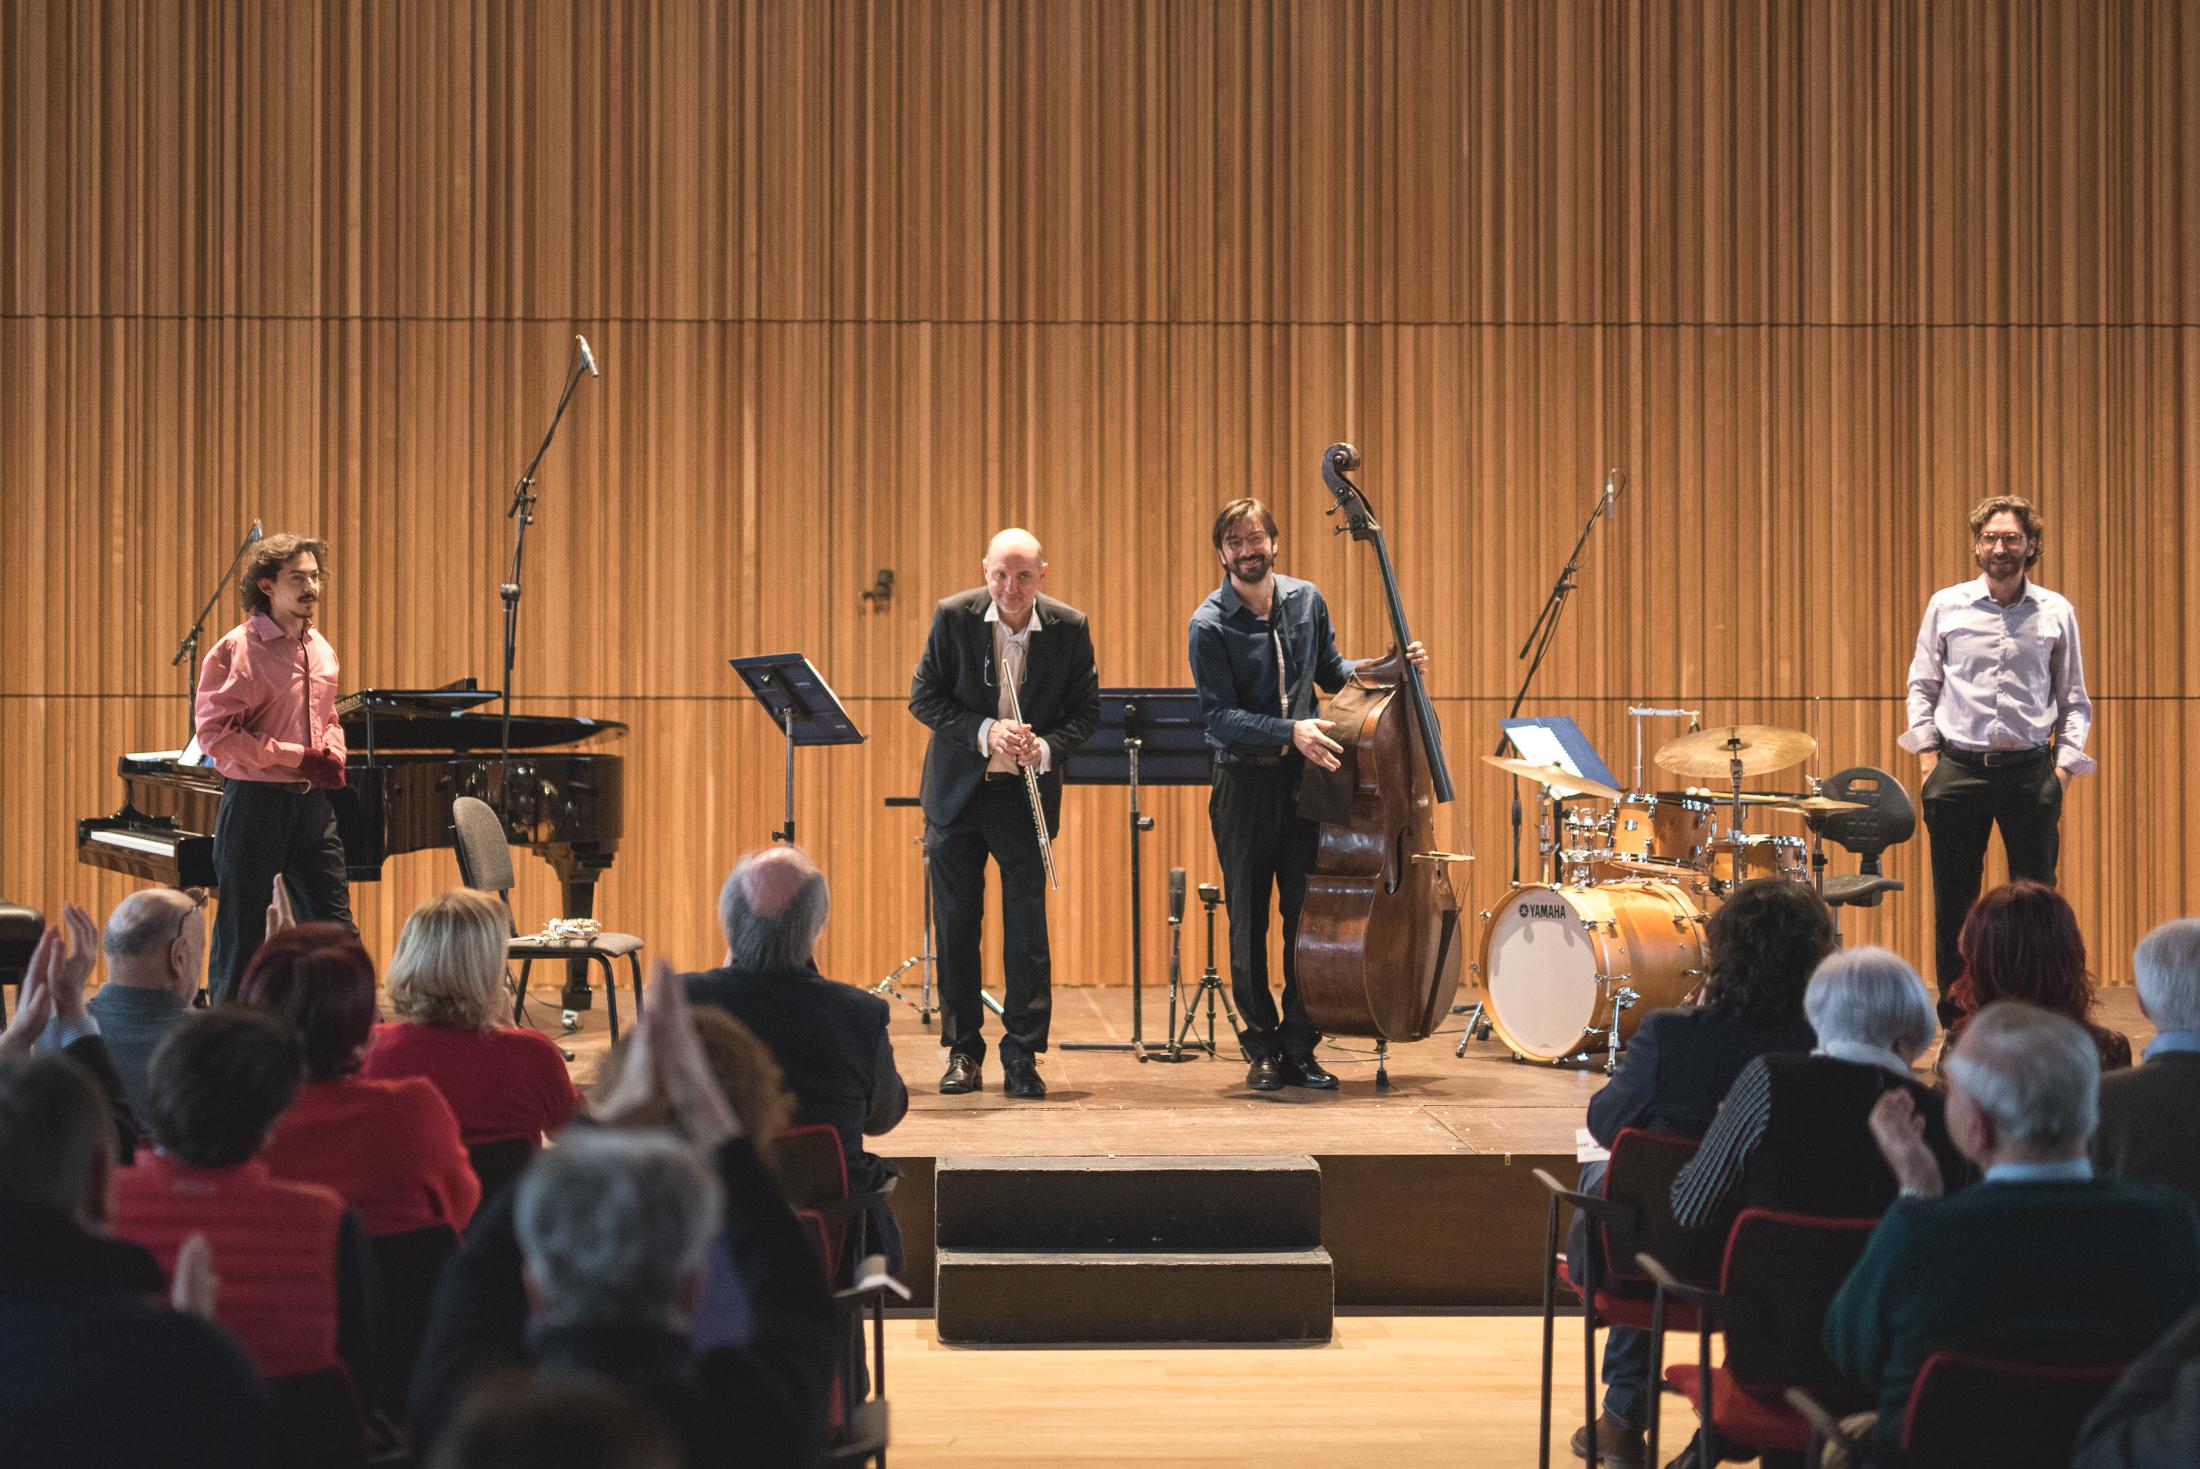 La Toscanini Quartetto Inedito